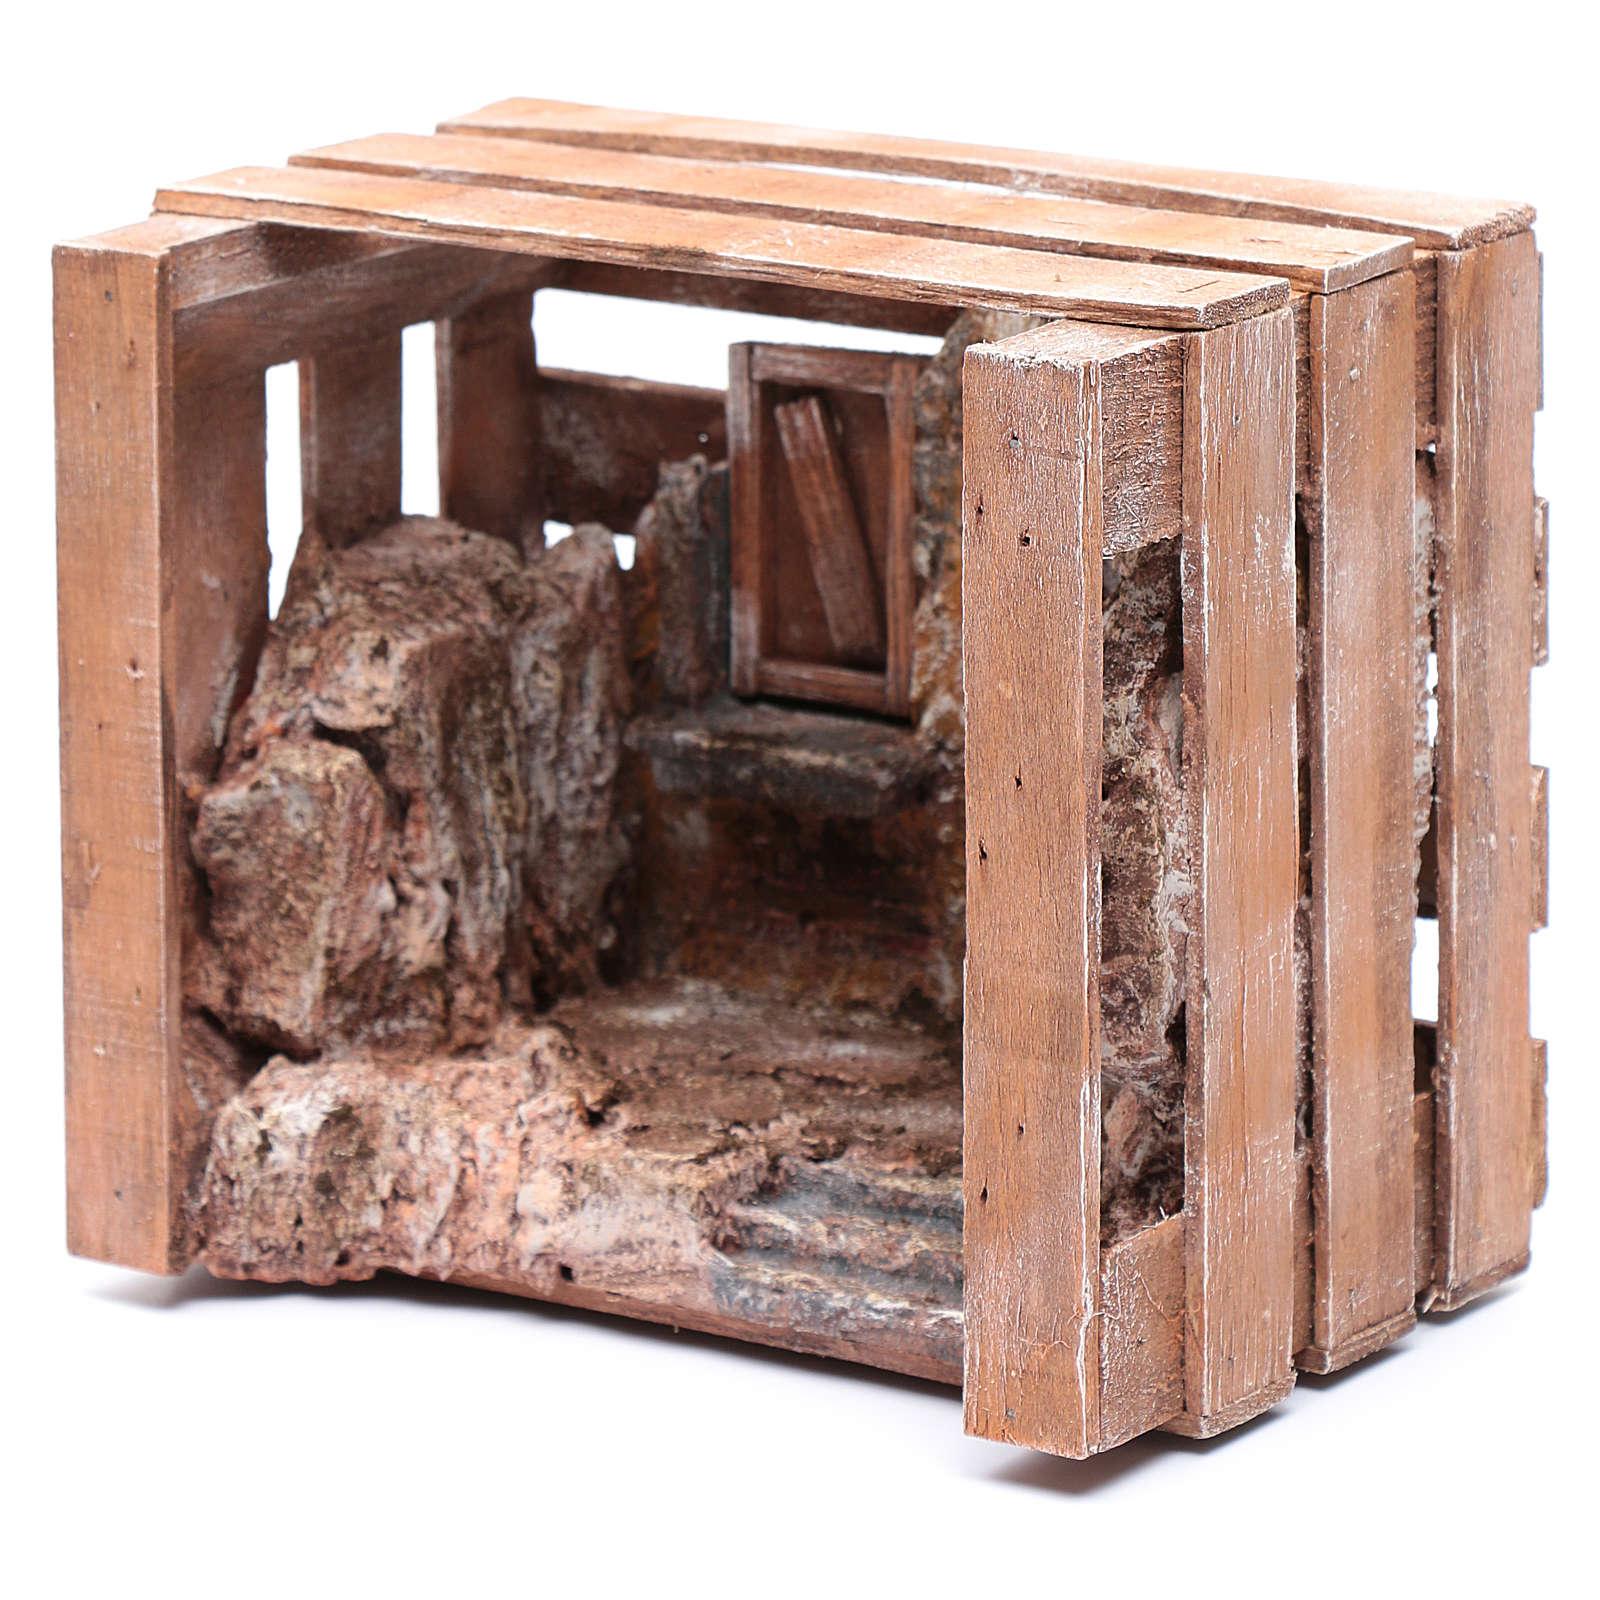 Capanna in cassetta legno 15x20x15 cm presepe 10 cm 4